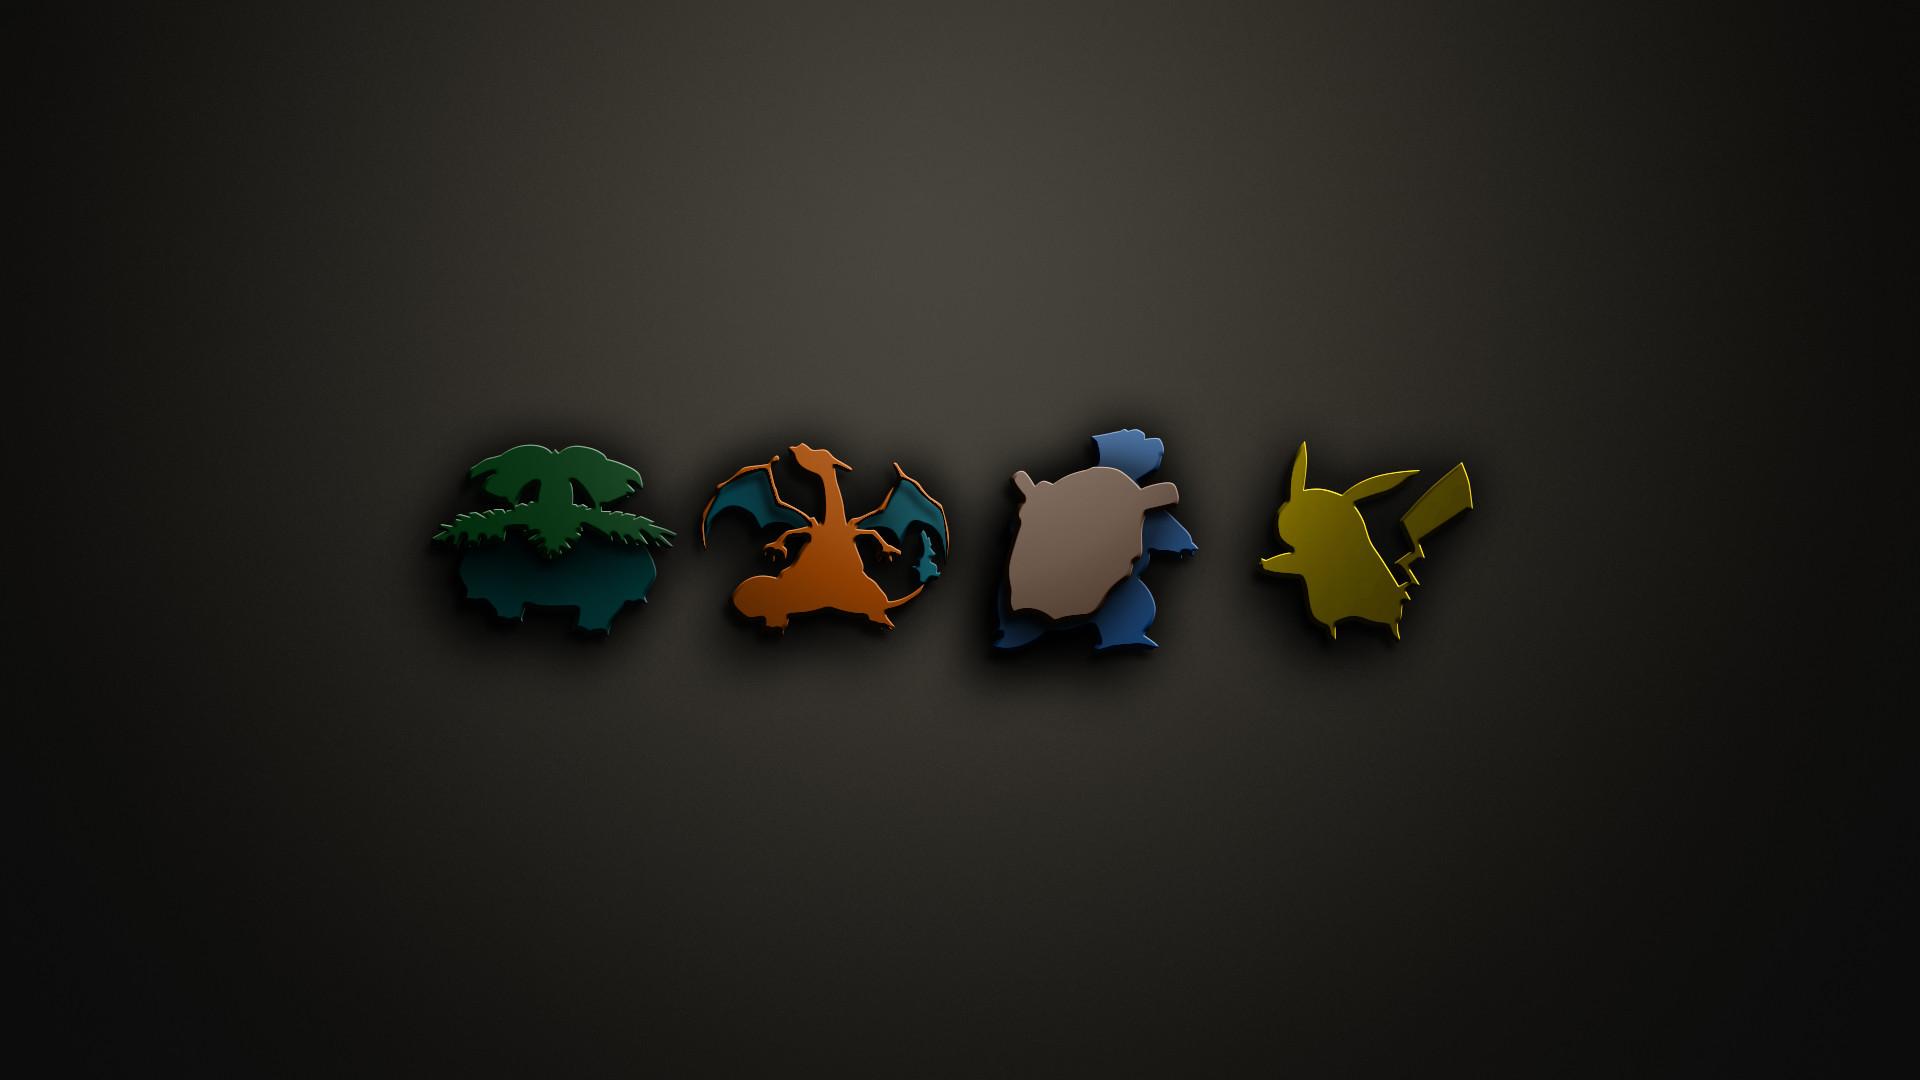 Cool 3-D Starter Pokemon Wallpaper